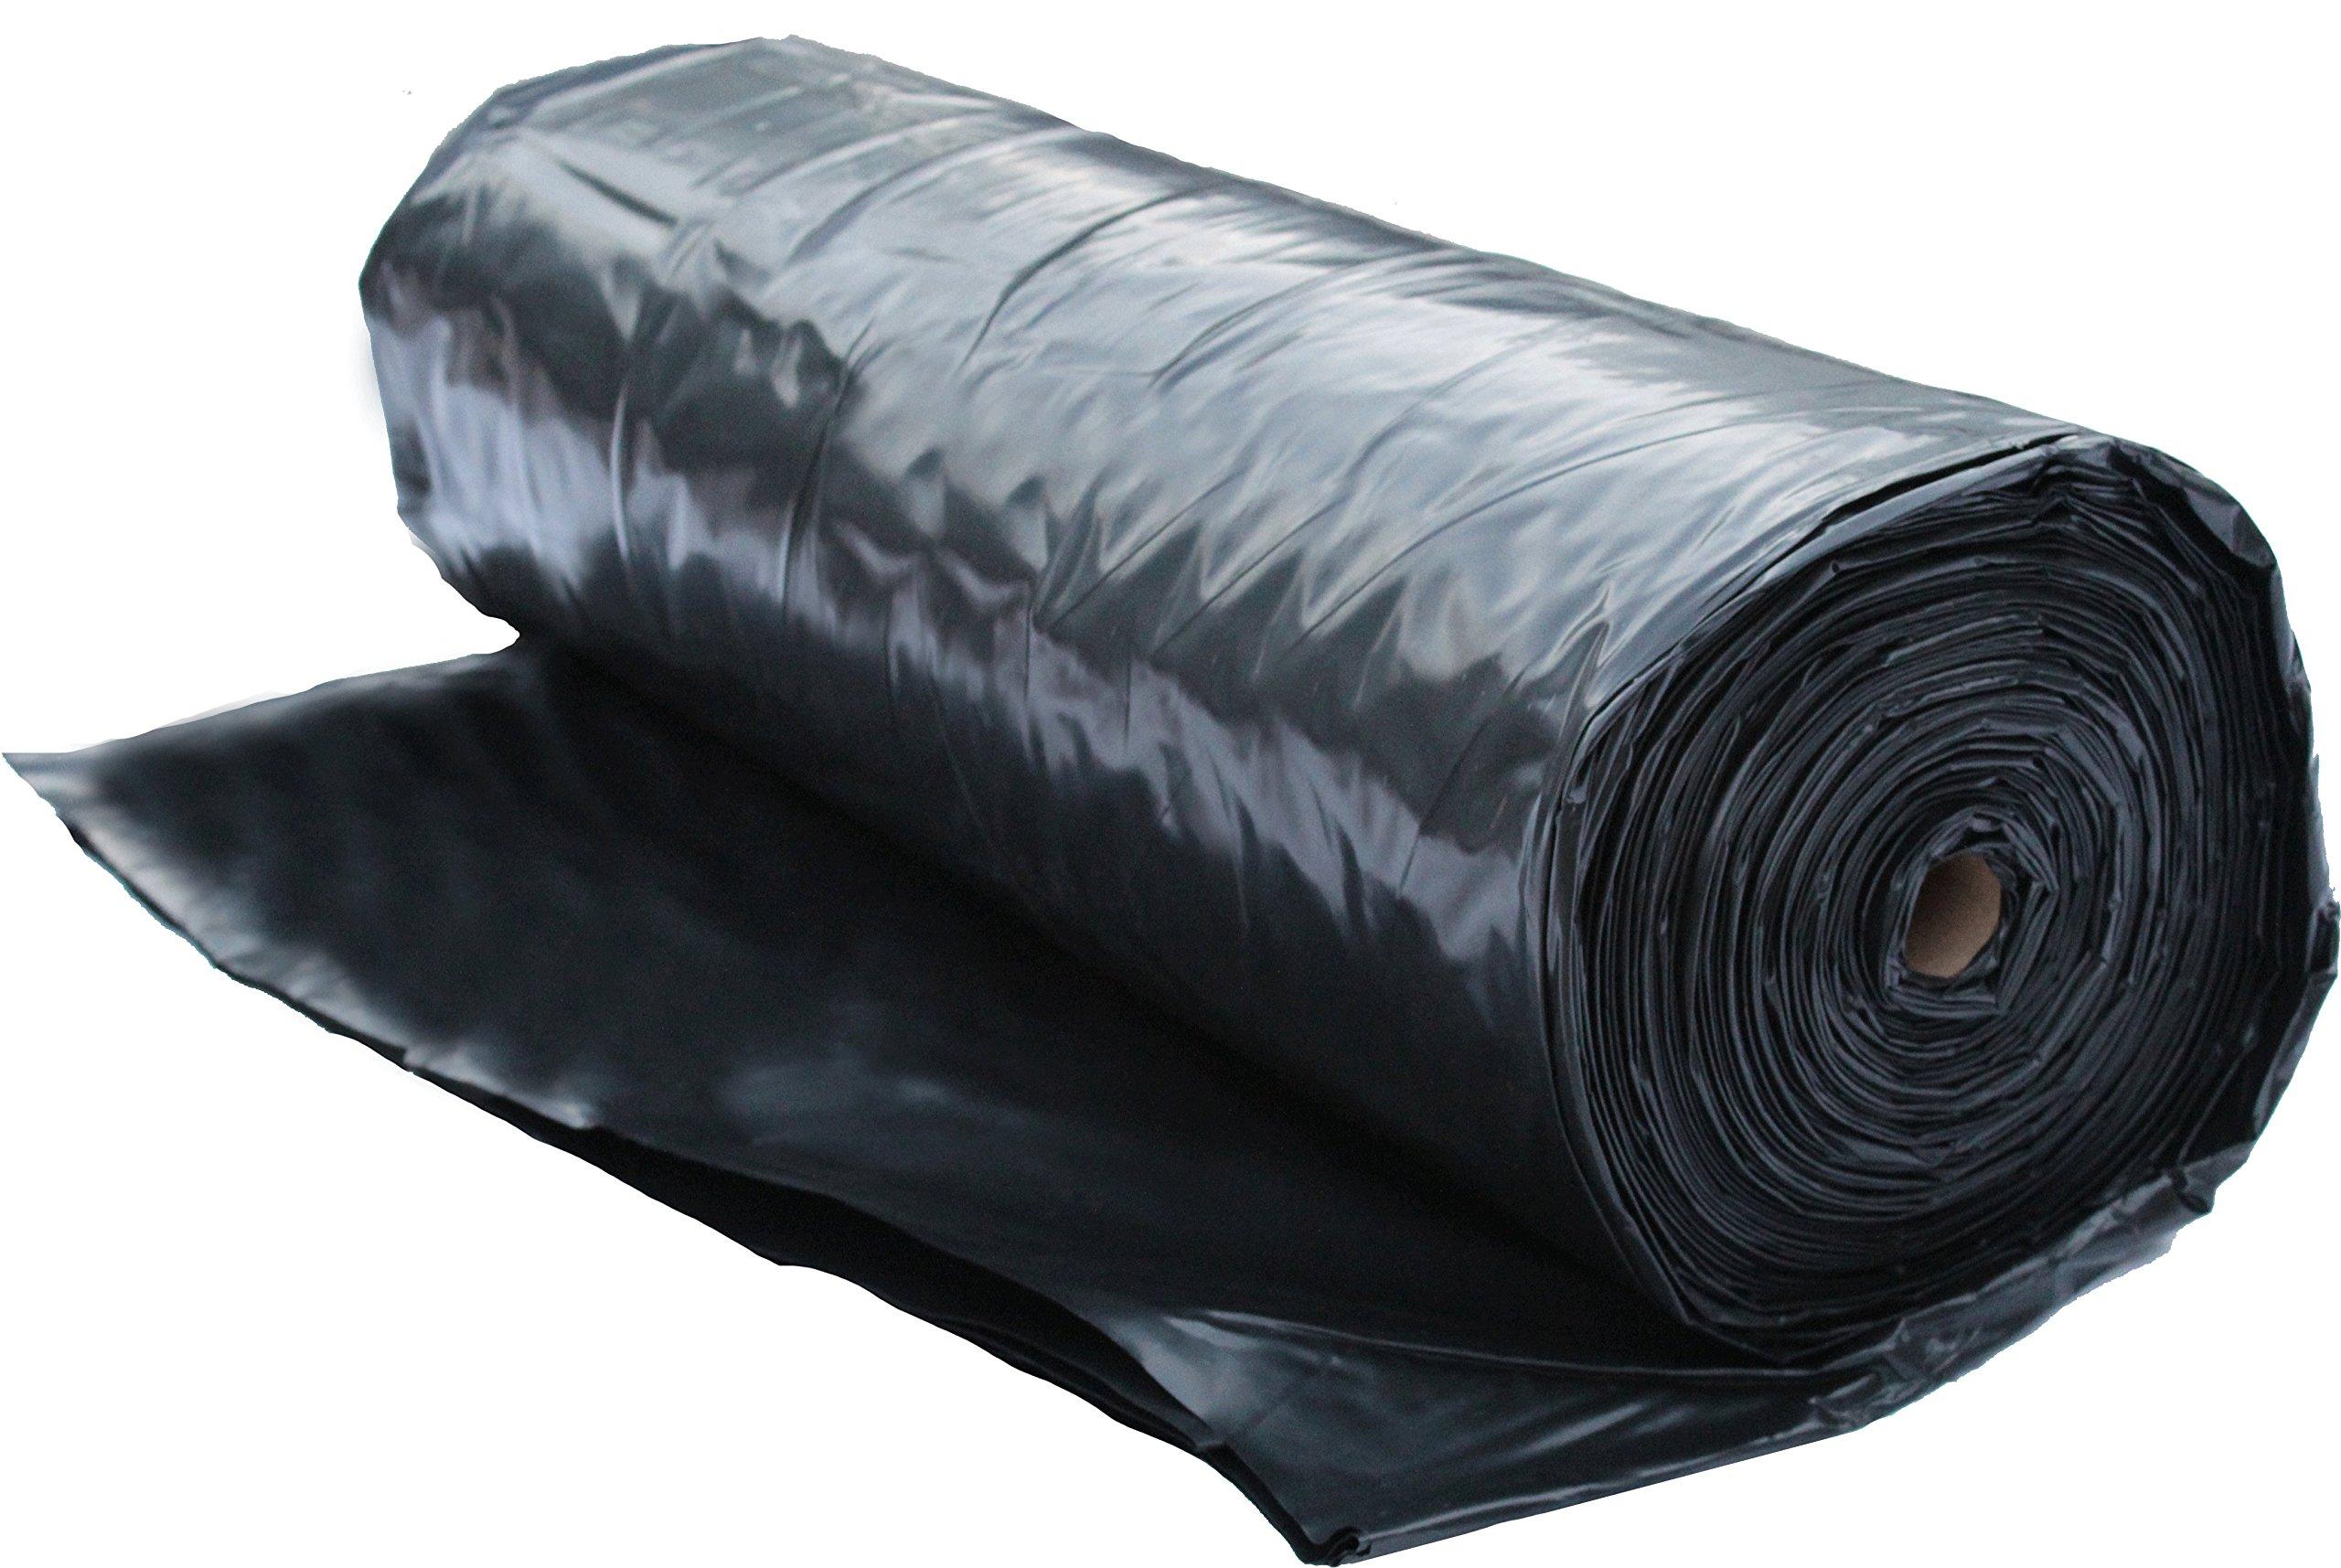 6 Mil Polyethylene Sheeting Roll (20' x 100') Black Plastic Sheeting,  Plastic Tarp, Plastic Mulch, Weed Barrier, Concrete Moisture, Vapor  Barrier,